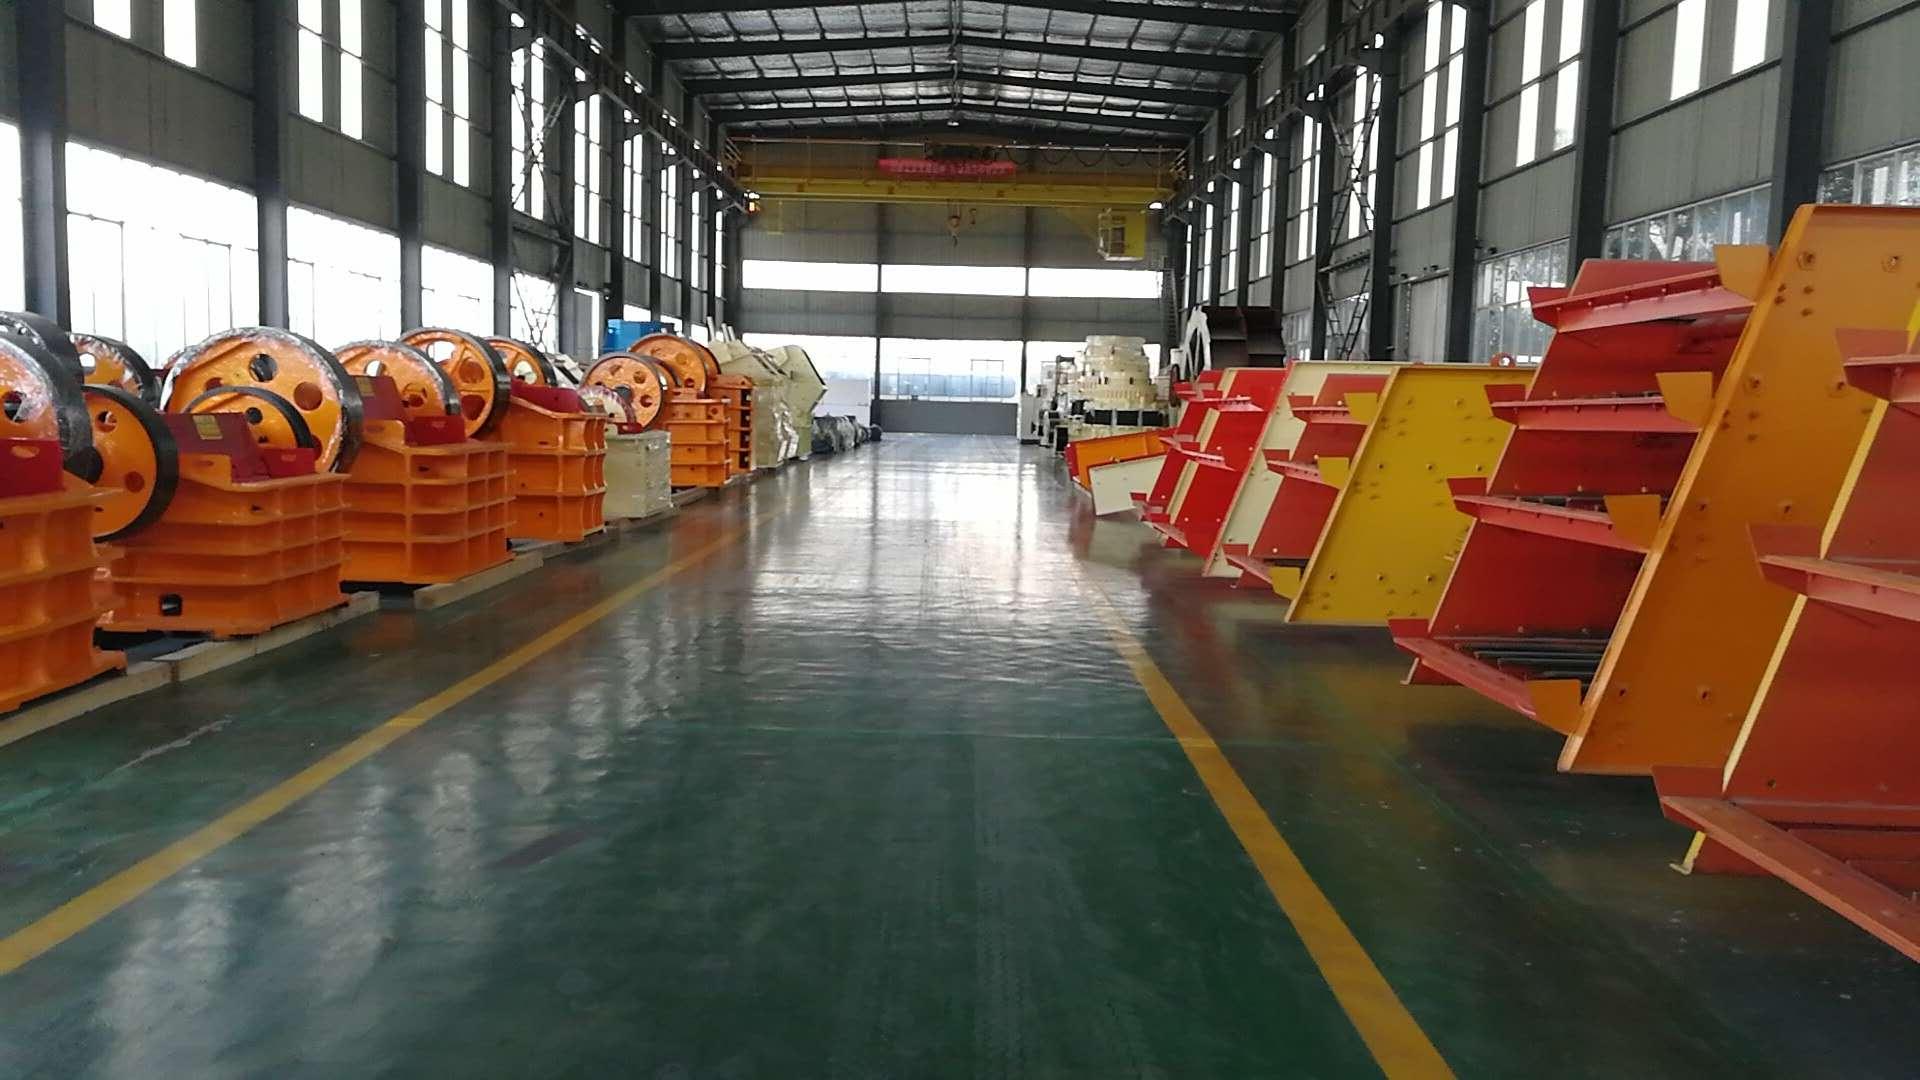 Heavy Duty เครื่องจากประเทศจีนเจิ้งโจวผู้ผลิต